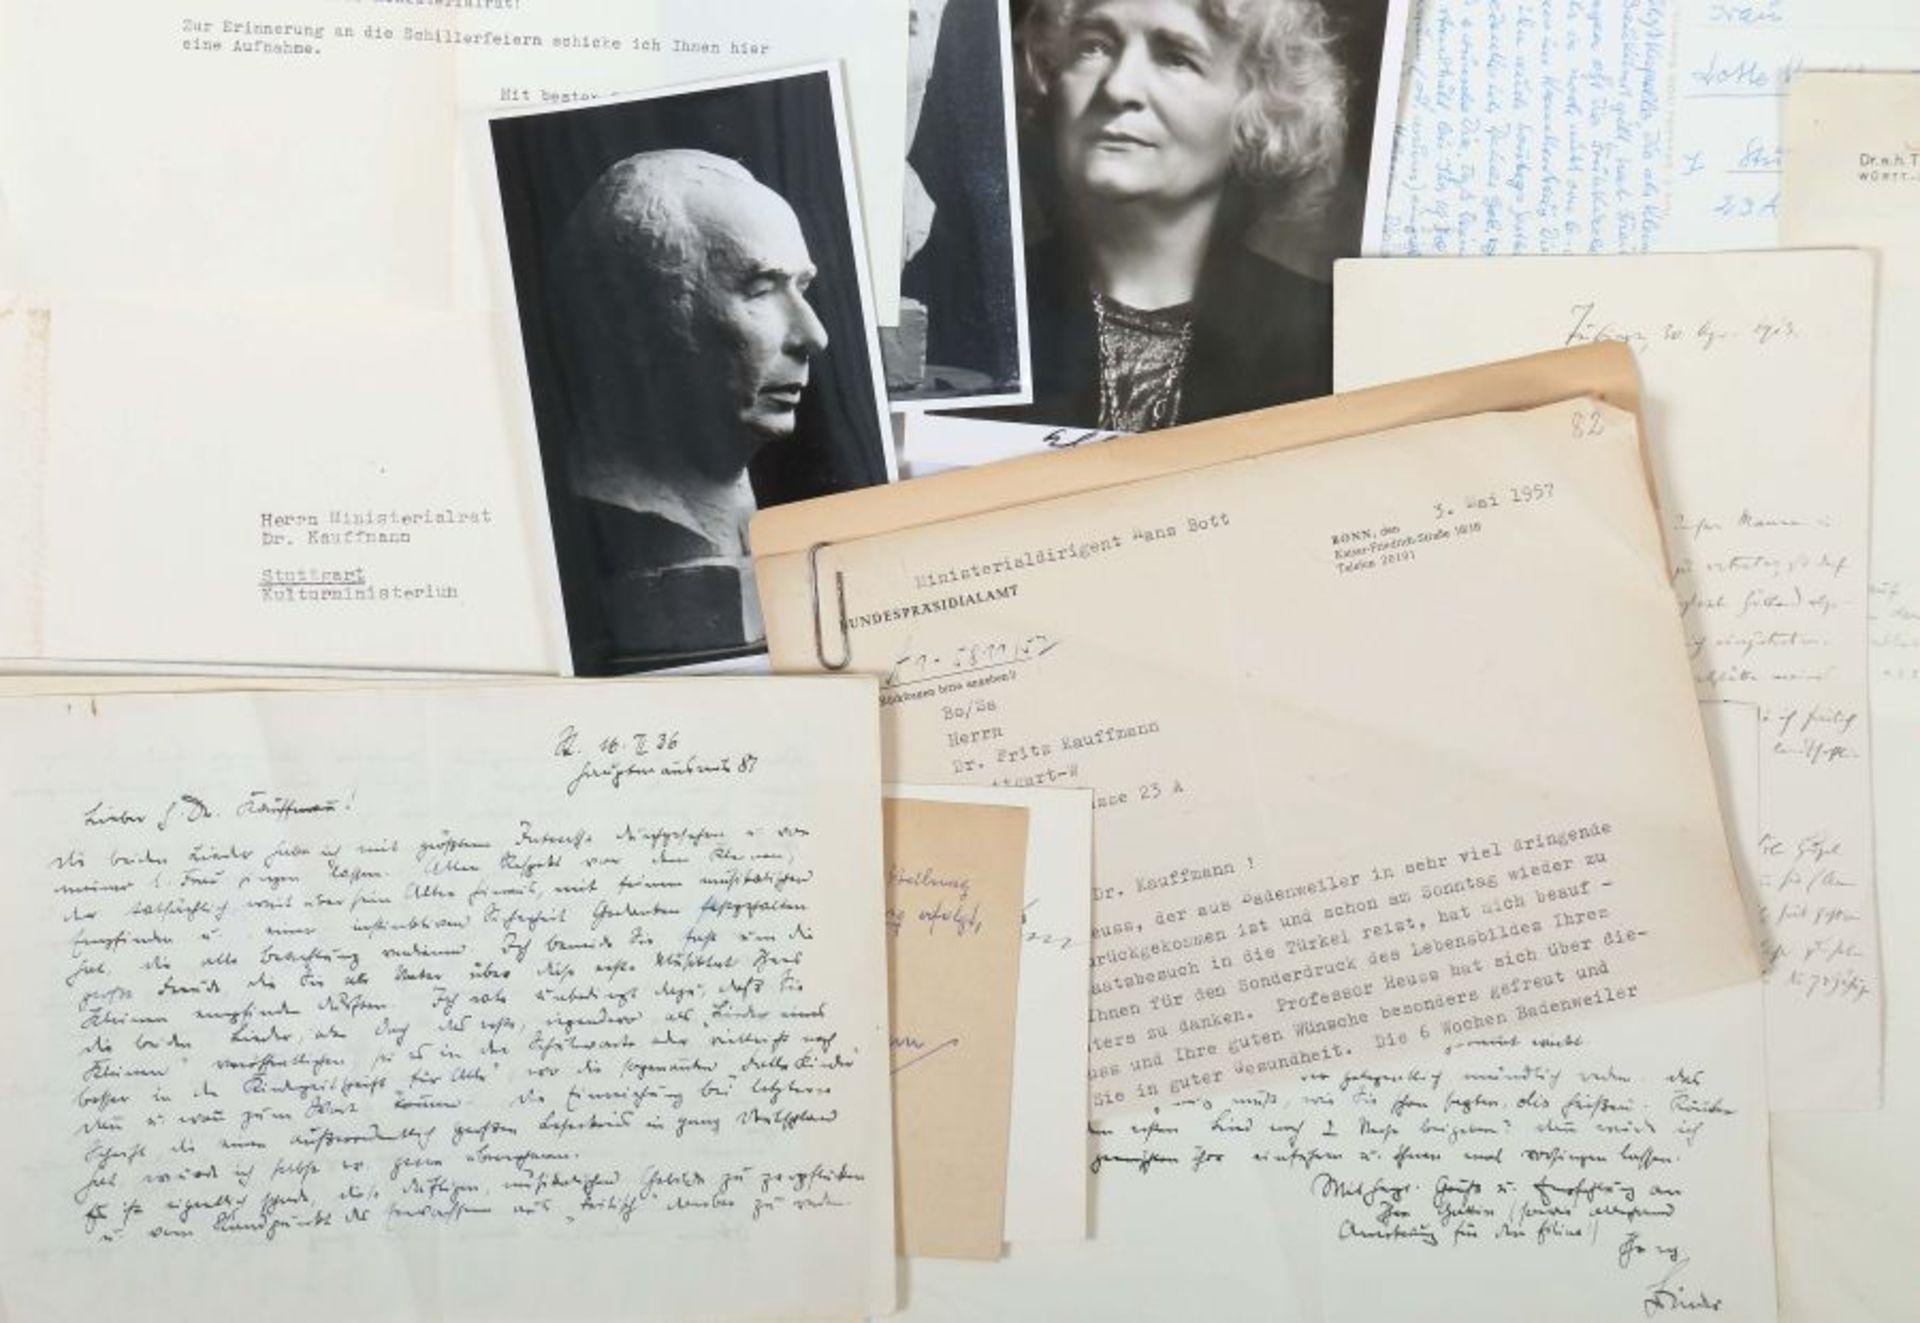 Künstlerkorrespondenzen Hand-/maschinengeschriebene Karten und Briefe u.a. von Felix Petyrek, - Bild 5 aus 5